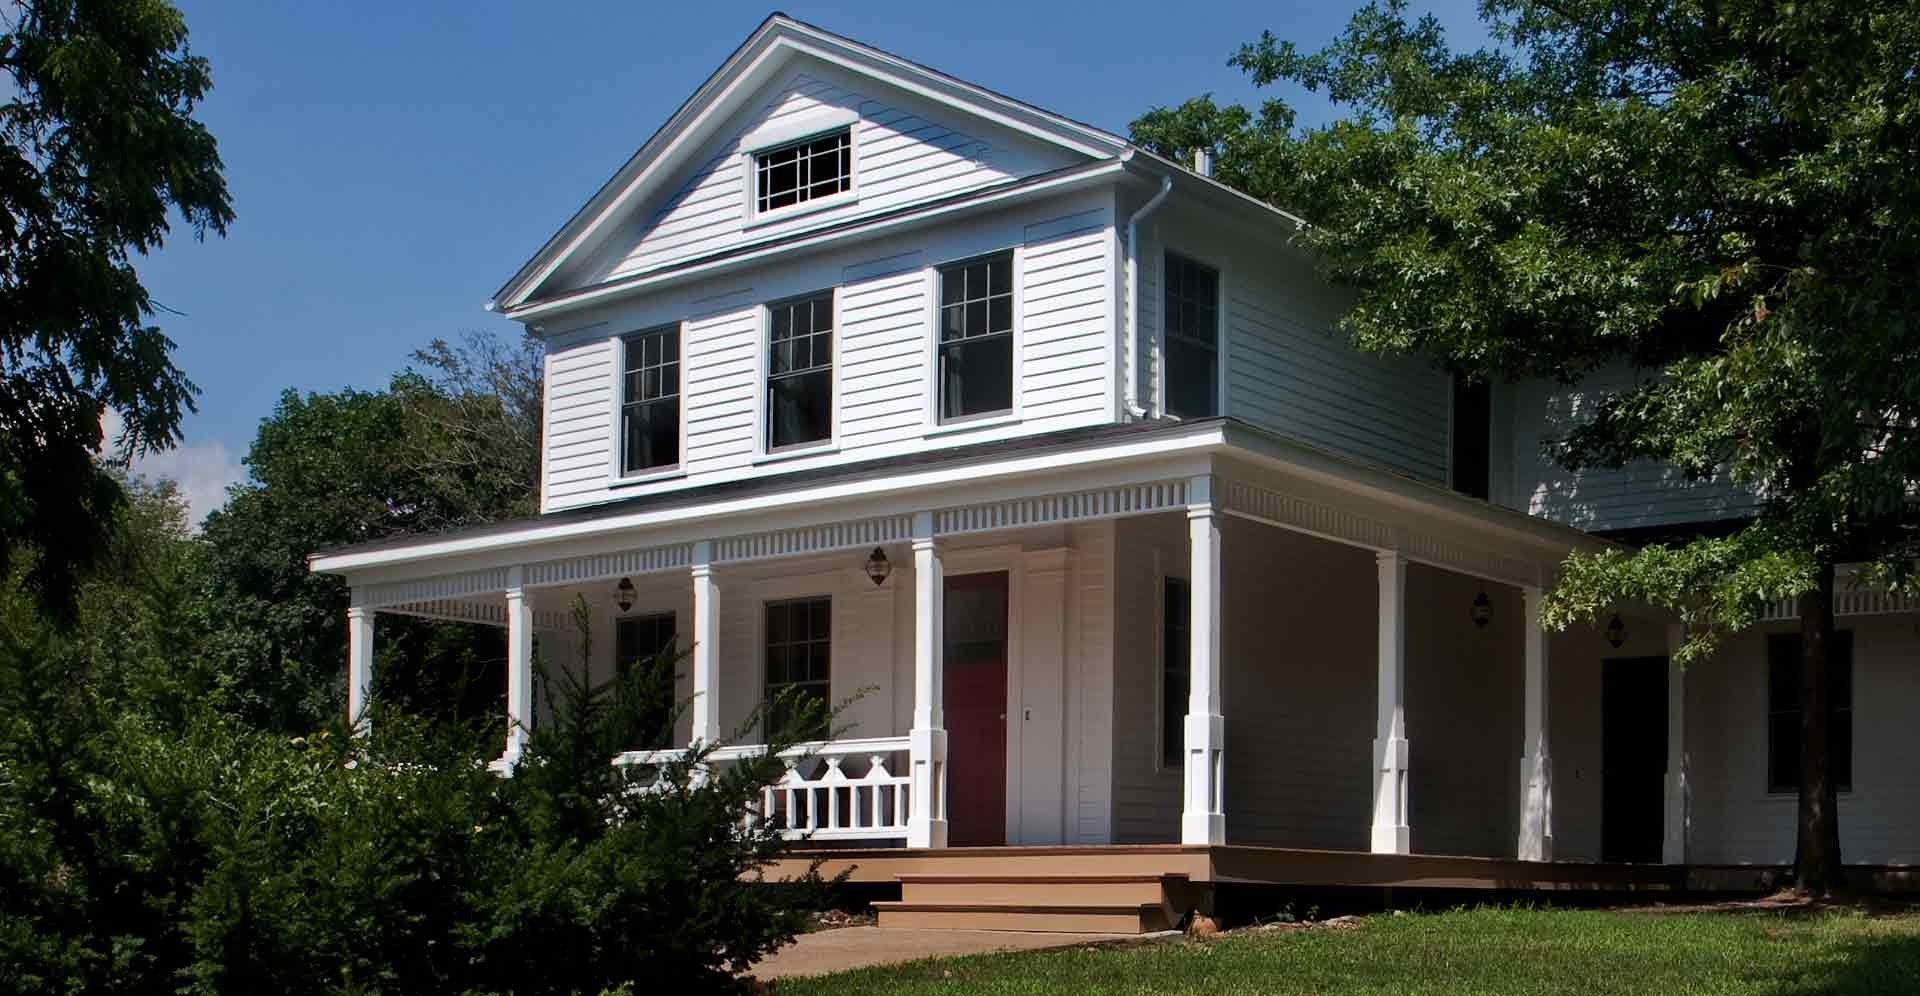 Hotchkiss House